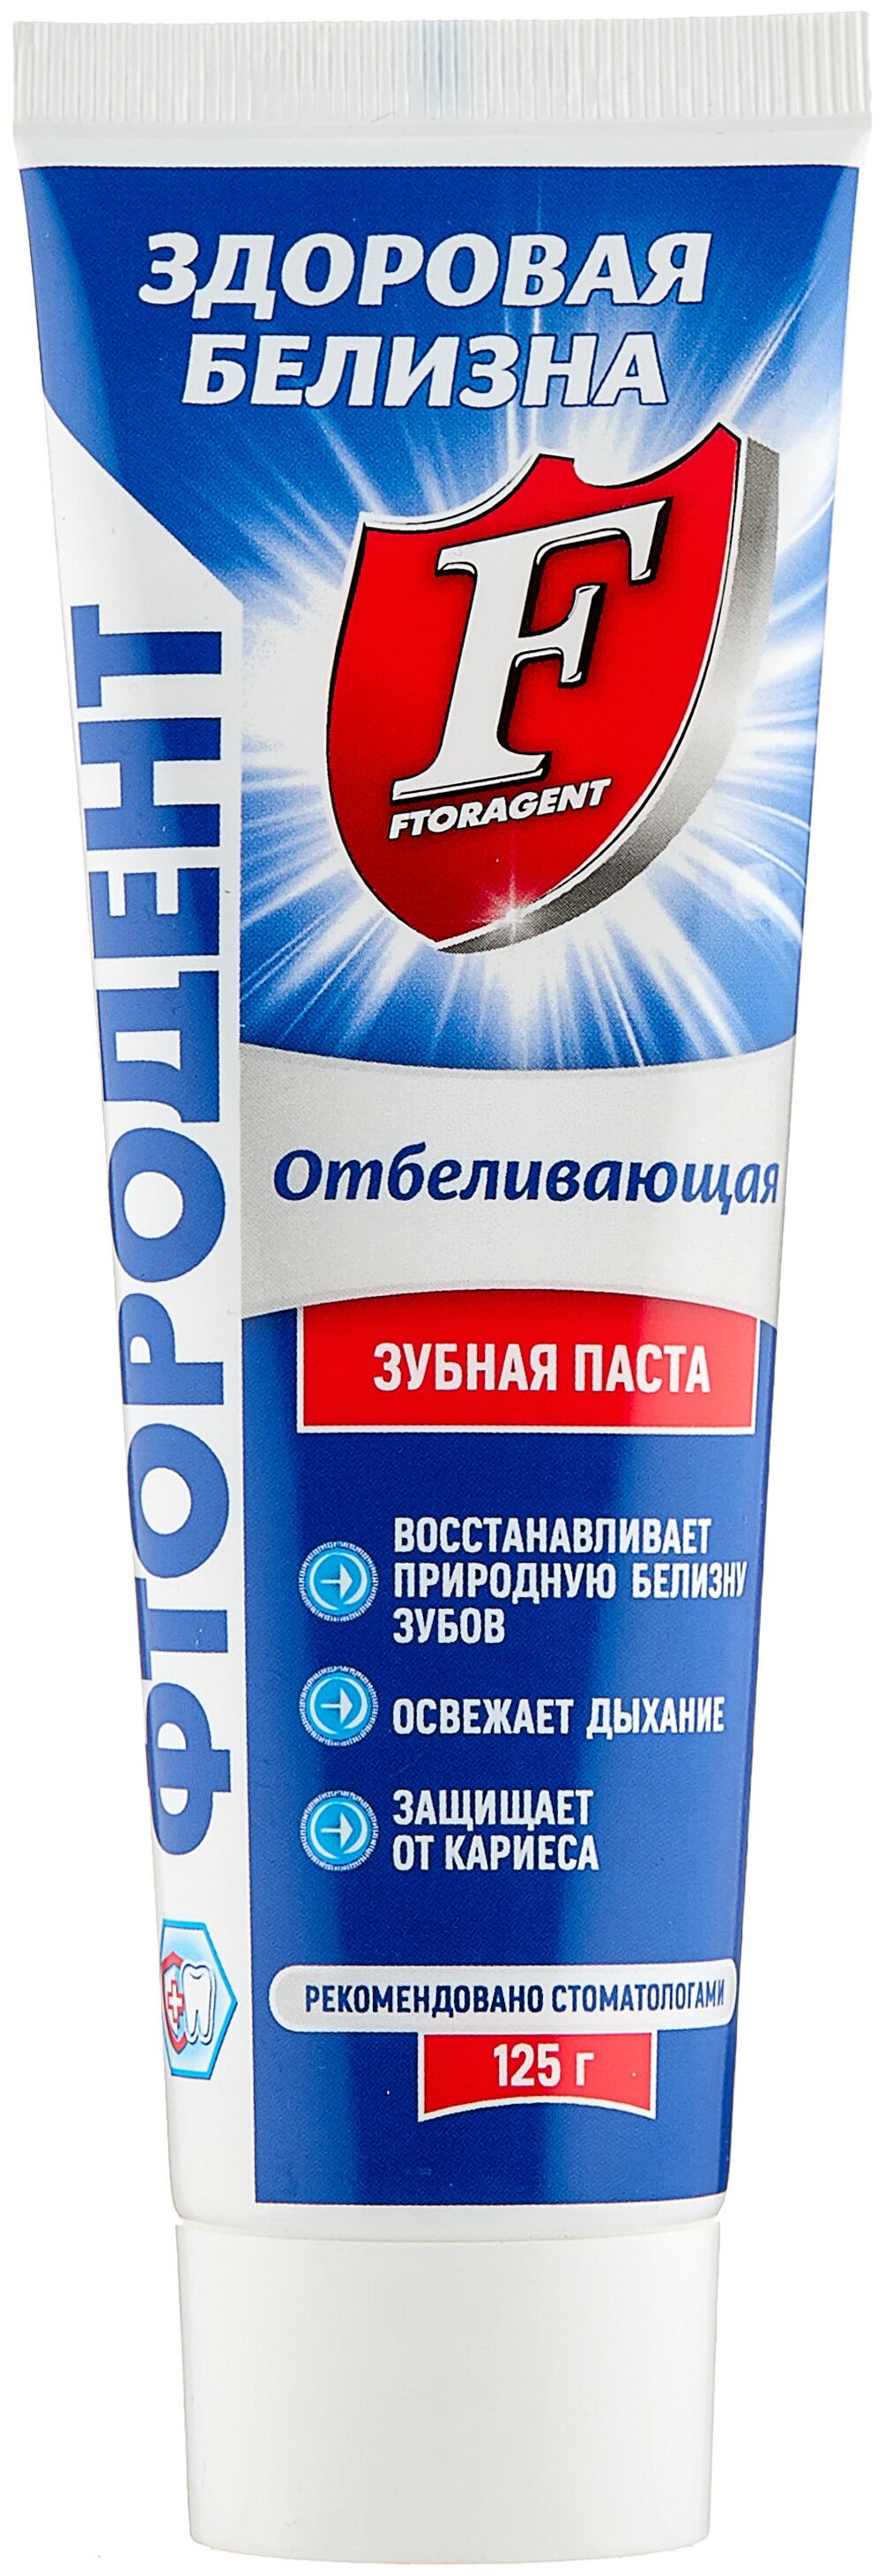 Стоит ли покупать Зубная паста Фтородент (Аванта) Отбеливающая, 125 г - 8 отзывов на Яндекс.Маркете